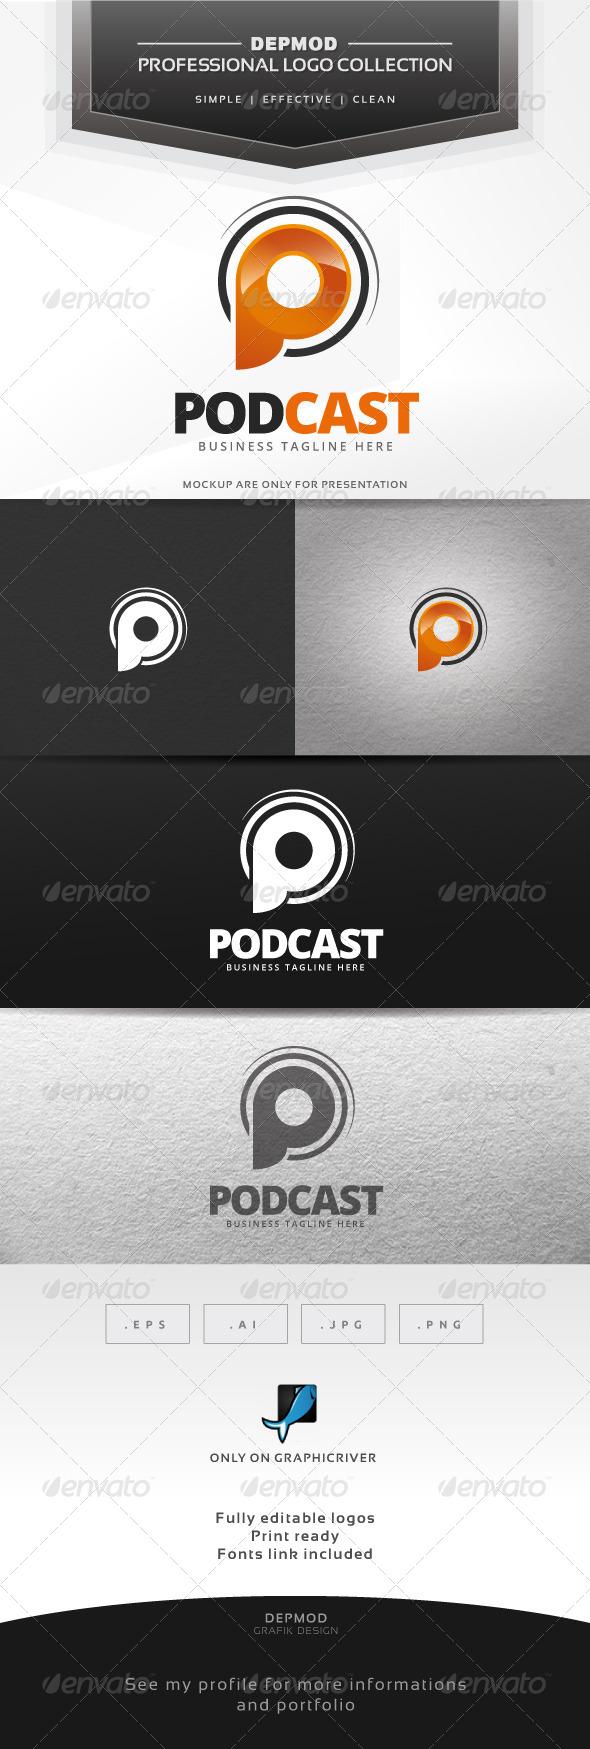 GraphicRiver Podcast Logo 6804851